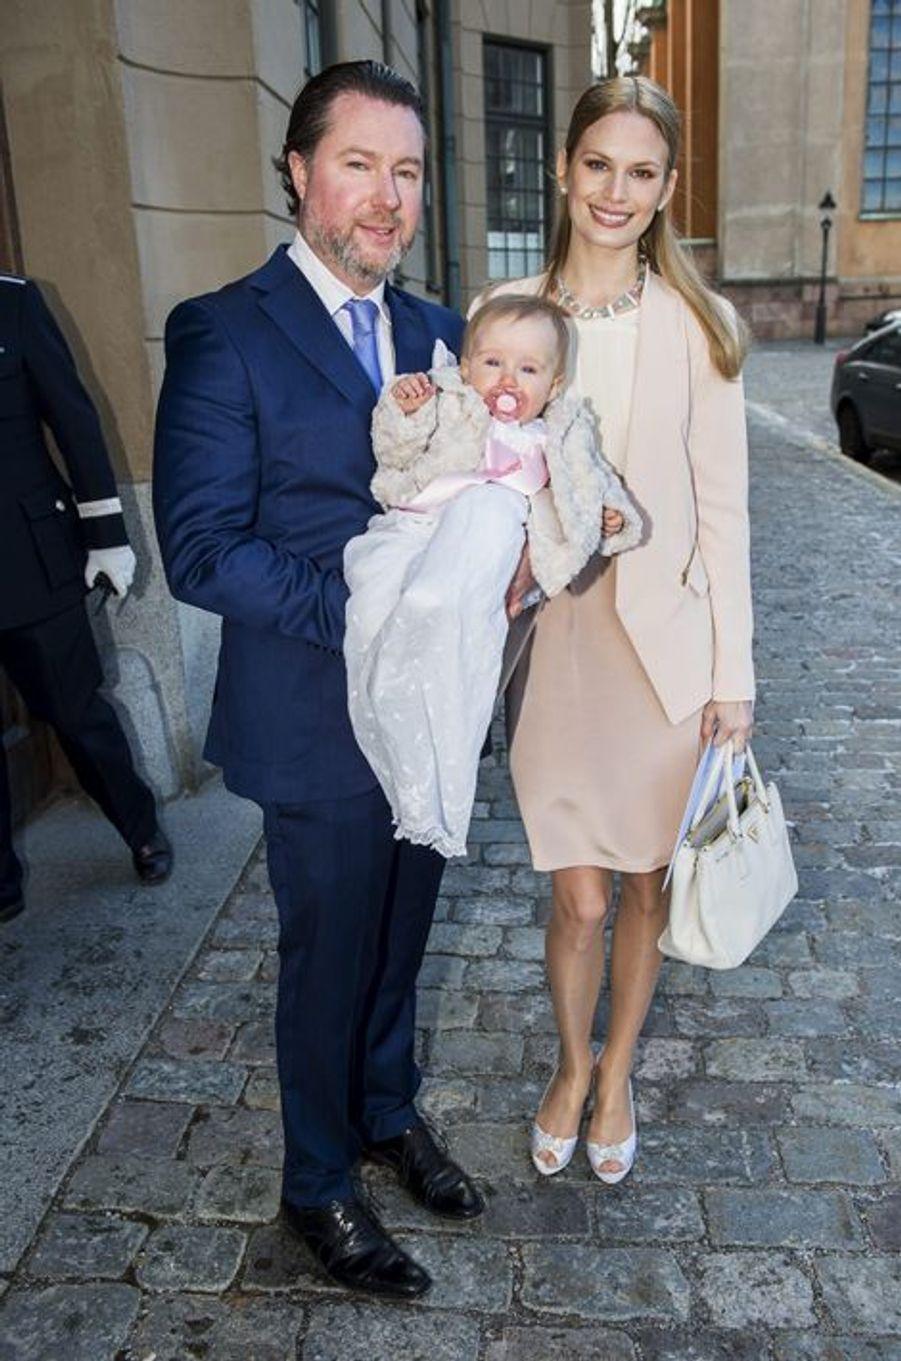 Gustaf Magnusson avec son épouse Vicky Andren et leur fille Desiree à Stockholm, le 21 mars 2015